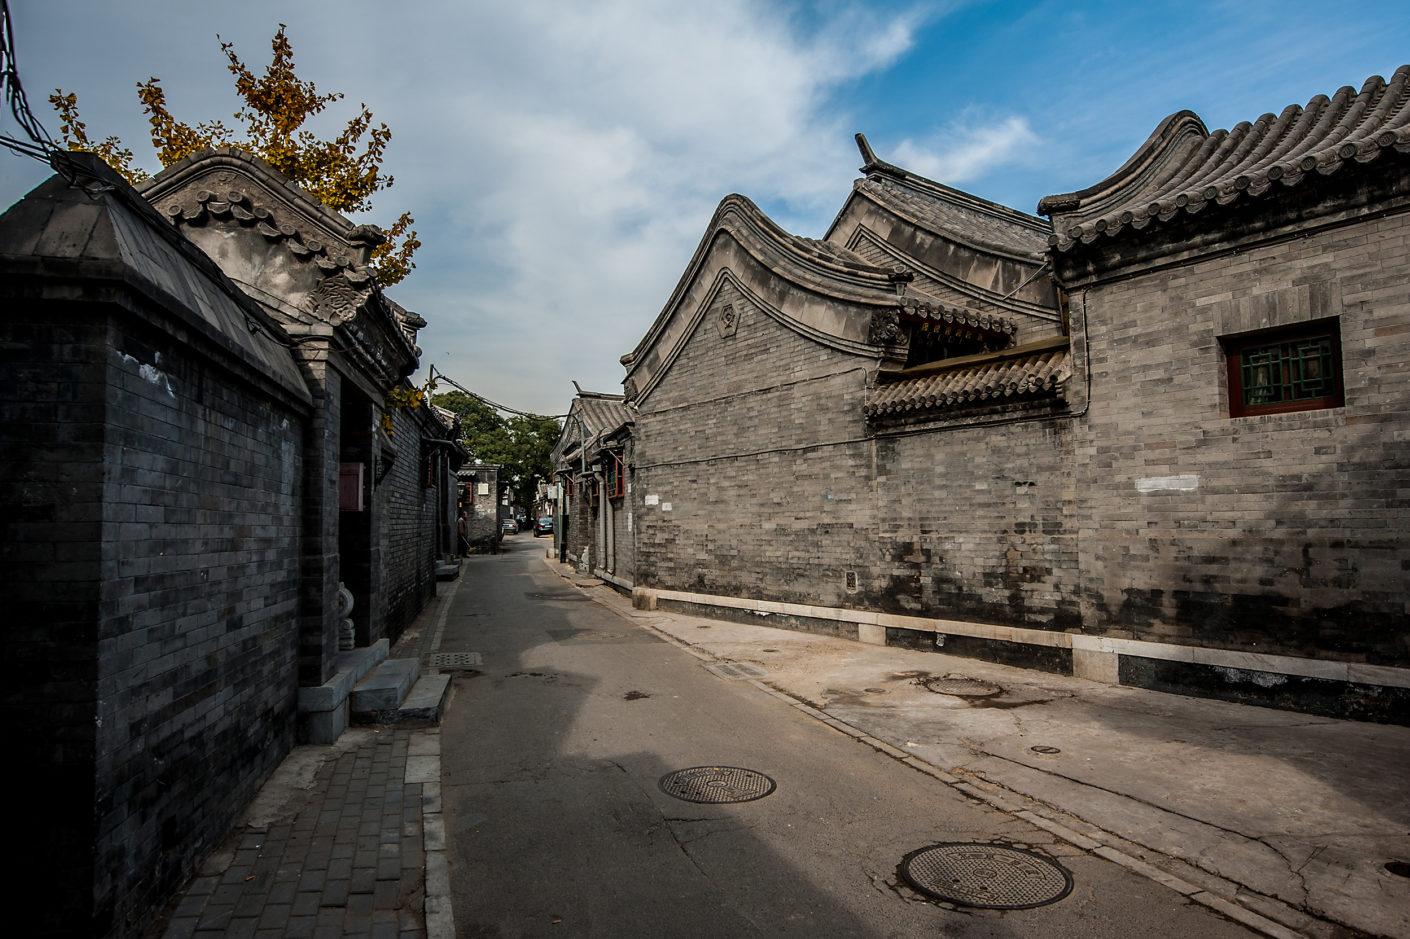 Hutong street view in Baitasi, Beijing, Beijing Design Week 2016